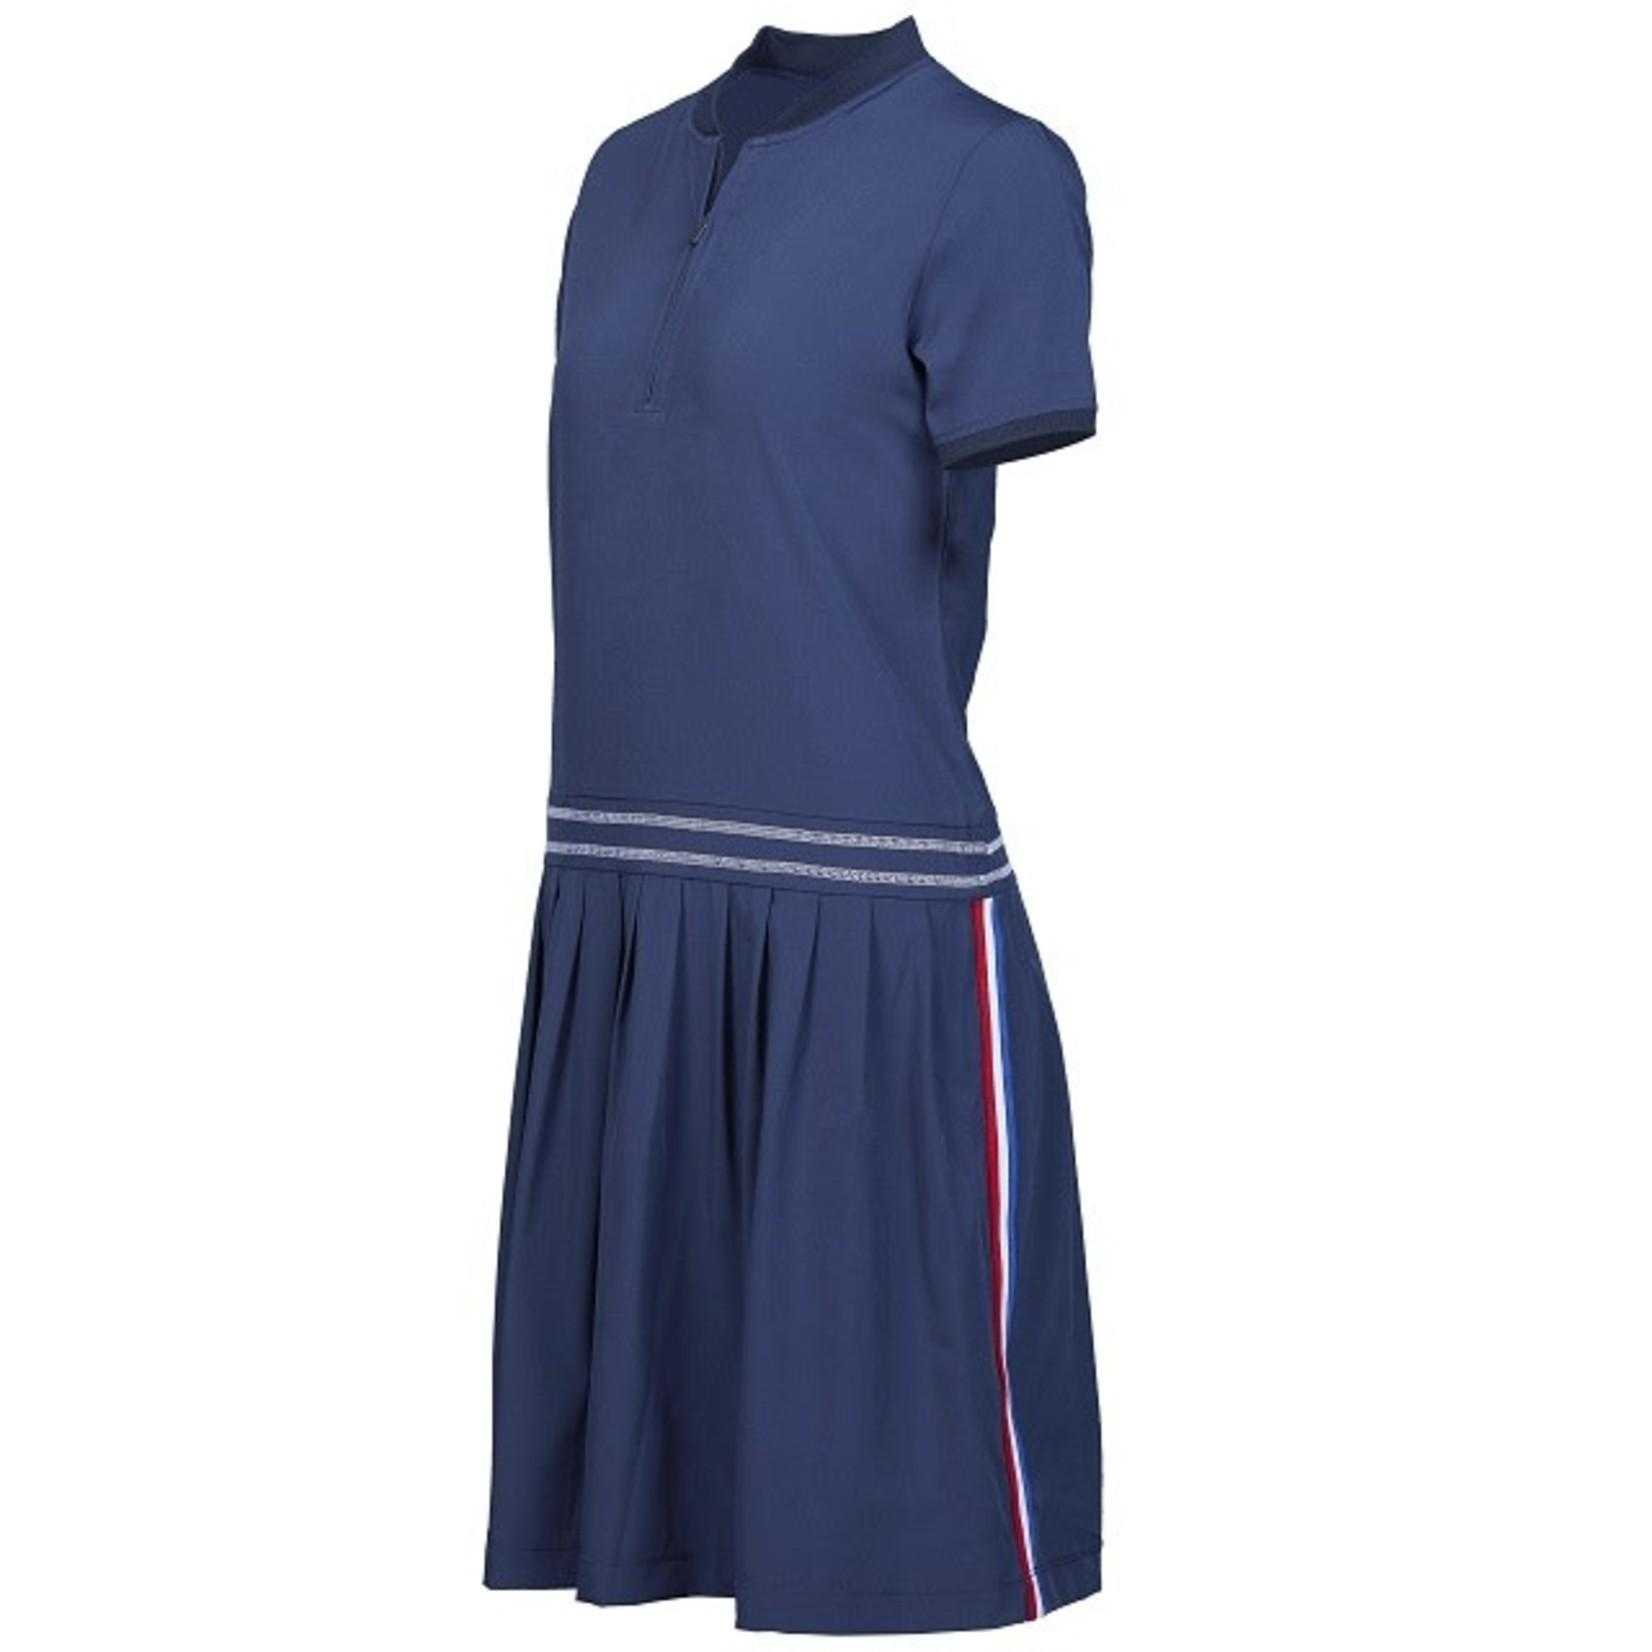 Girls Golf Girls Golf Polo Dress - Navy Techy